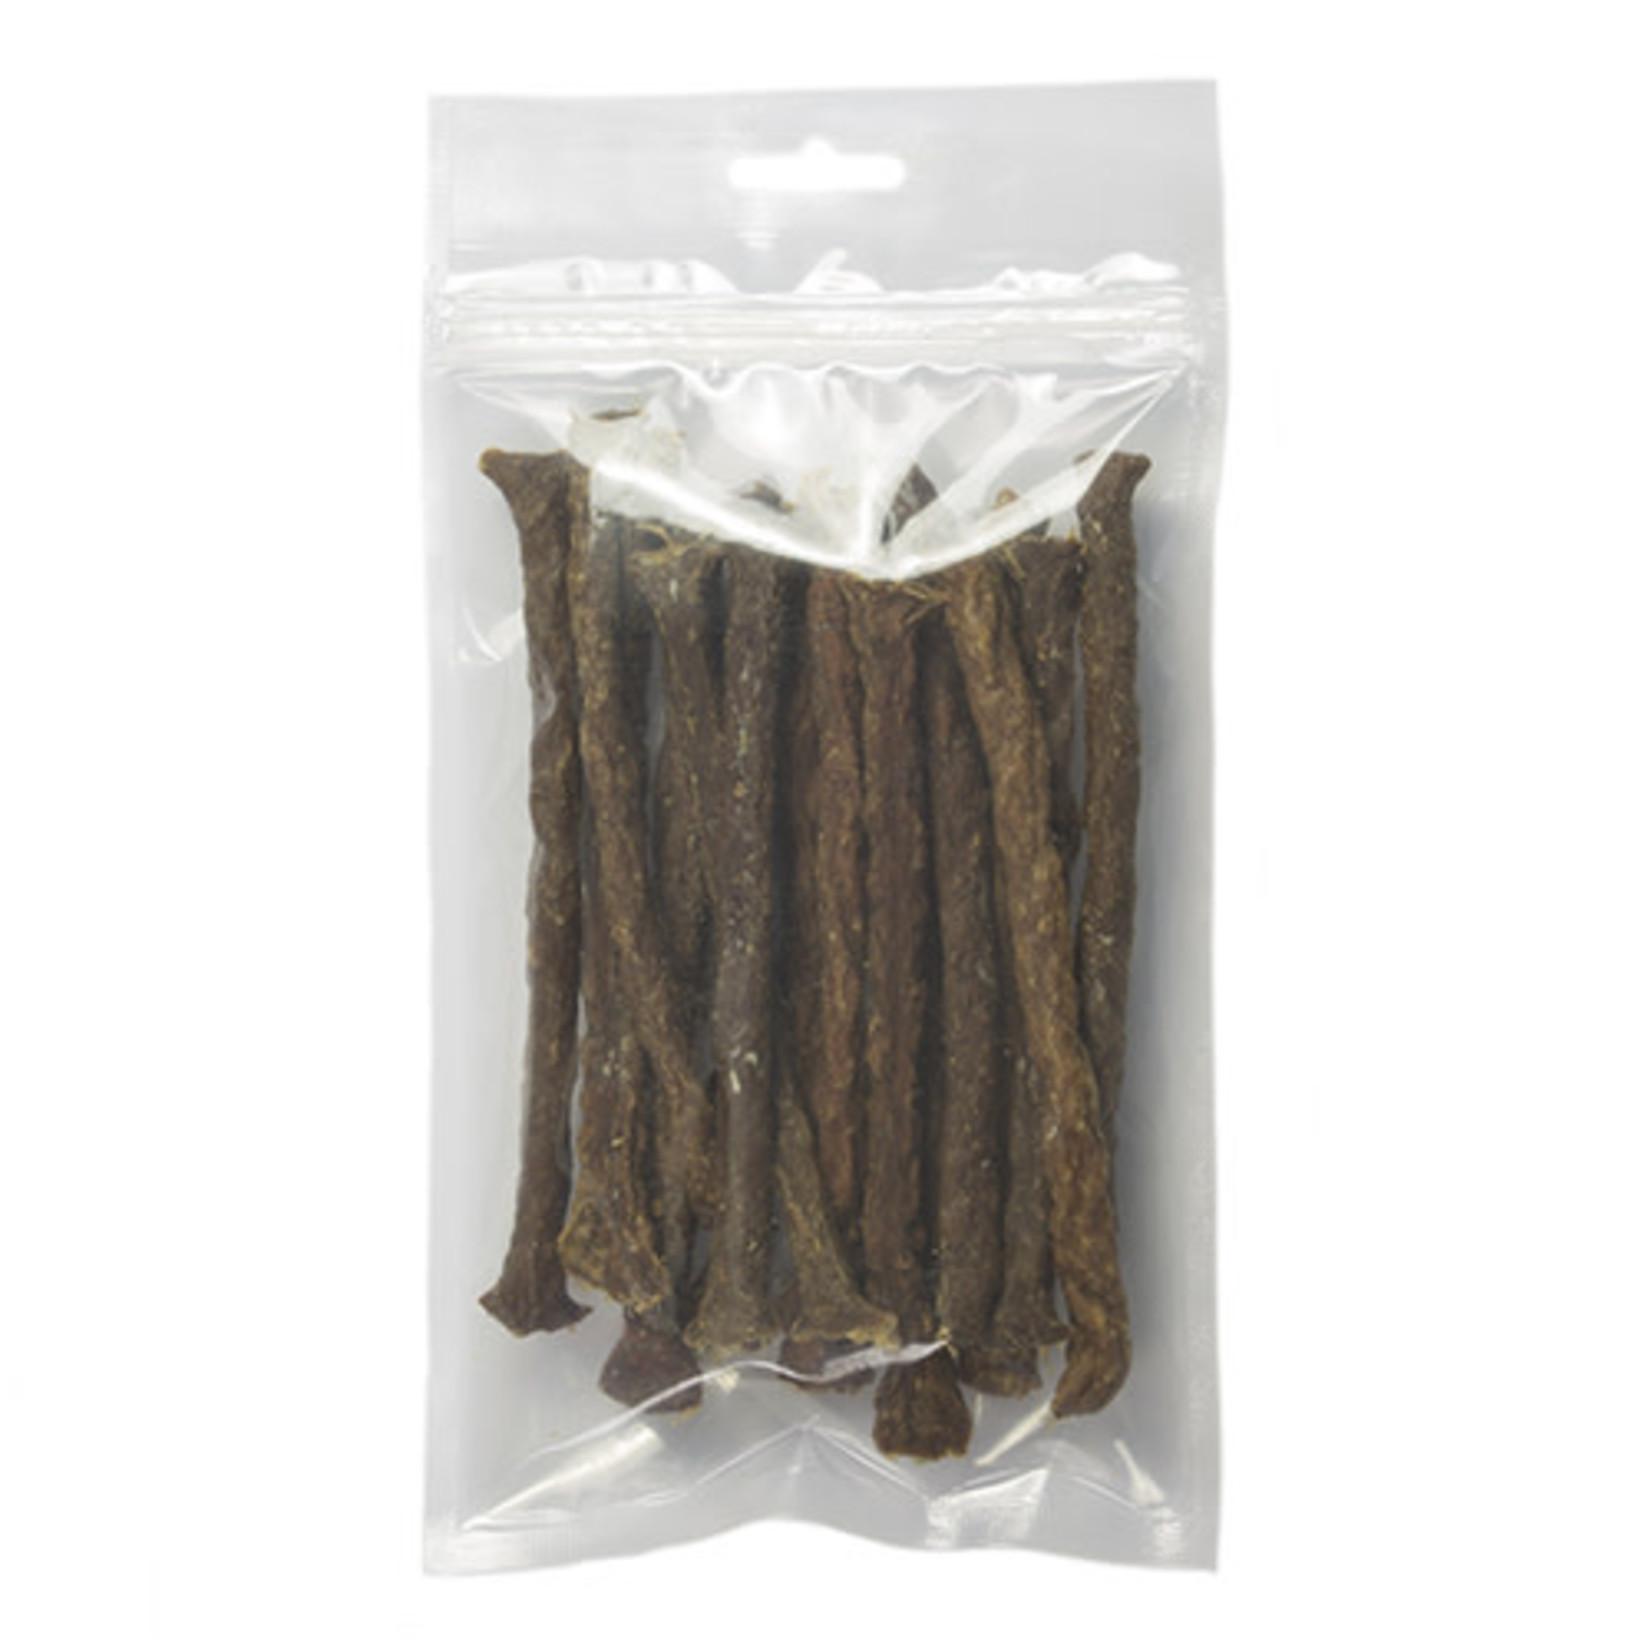 Nerus Vleessticks Hert 100 gram